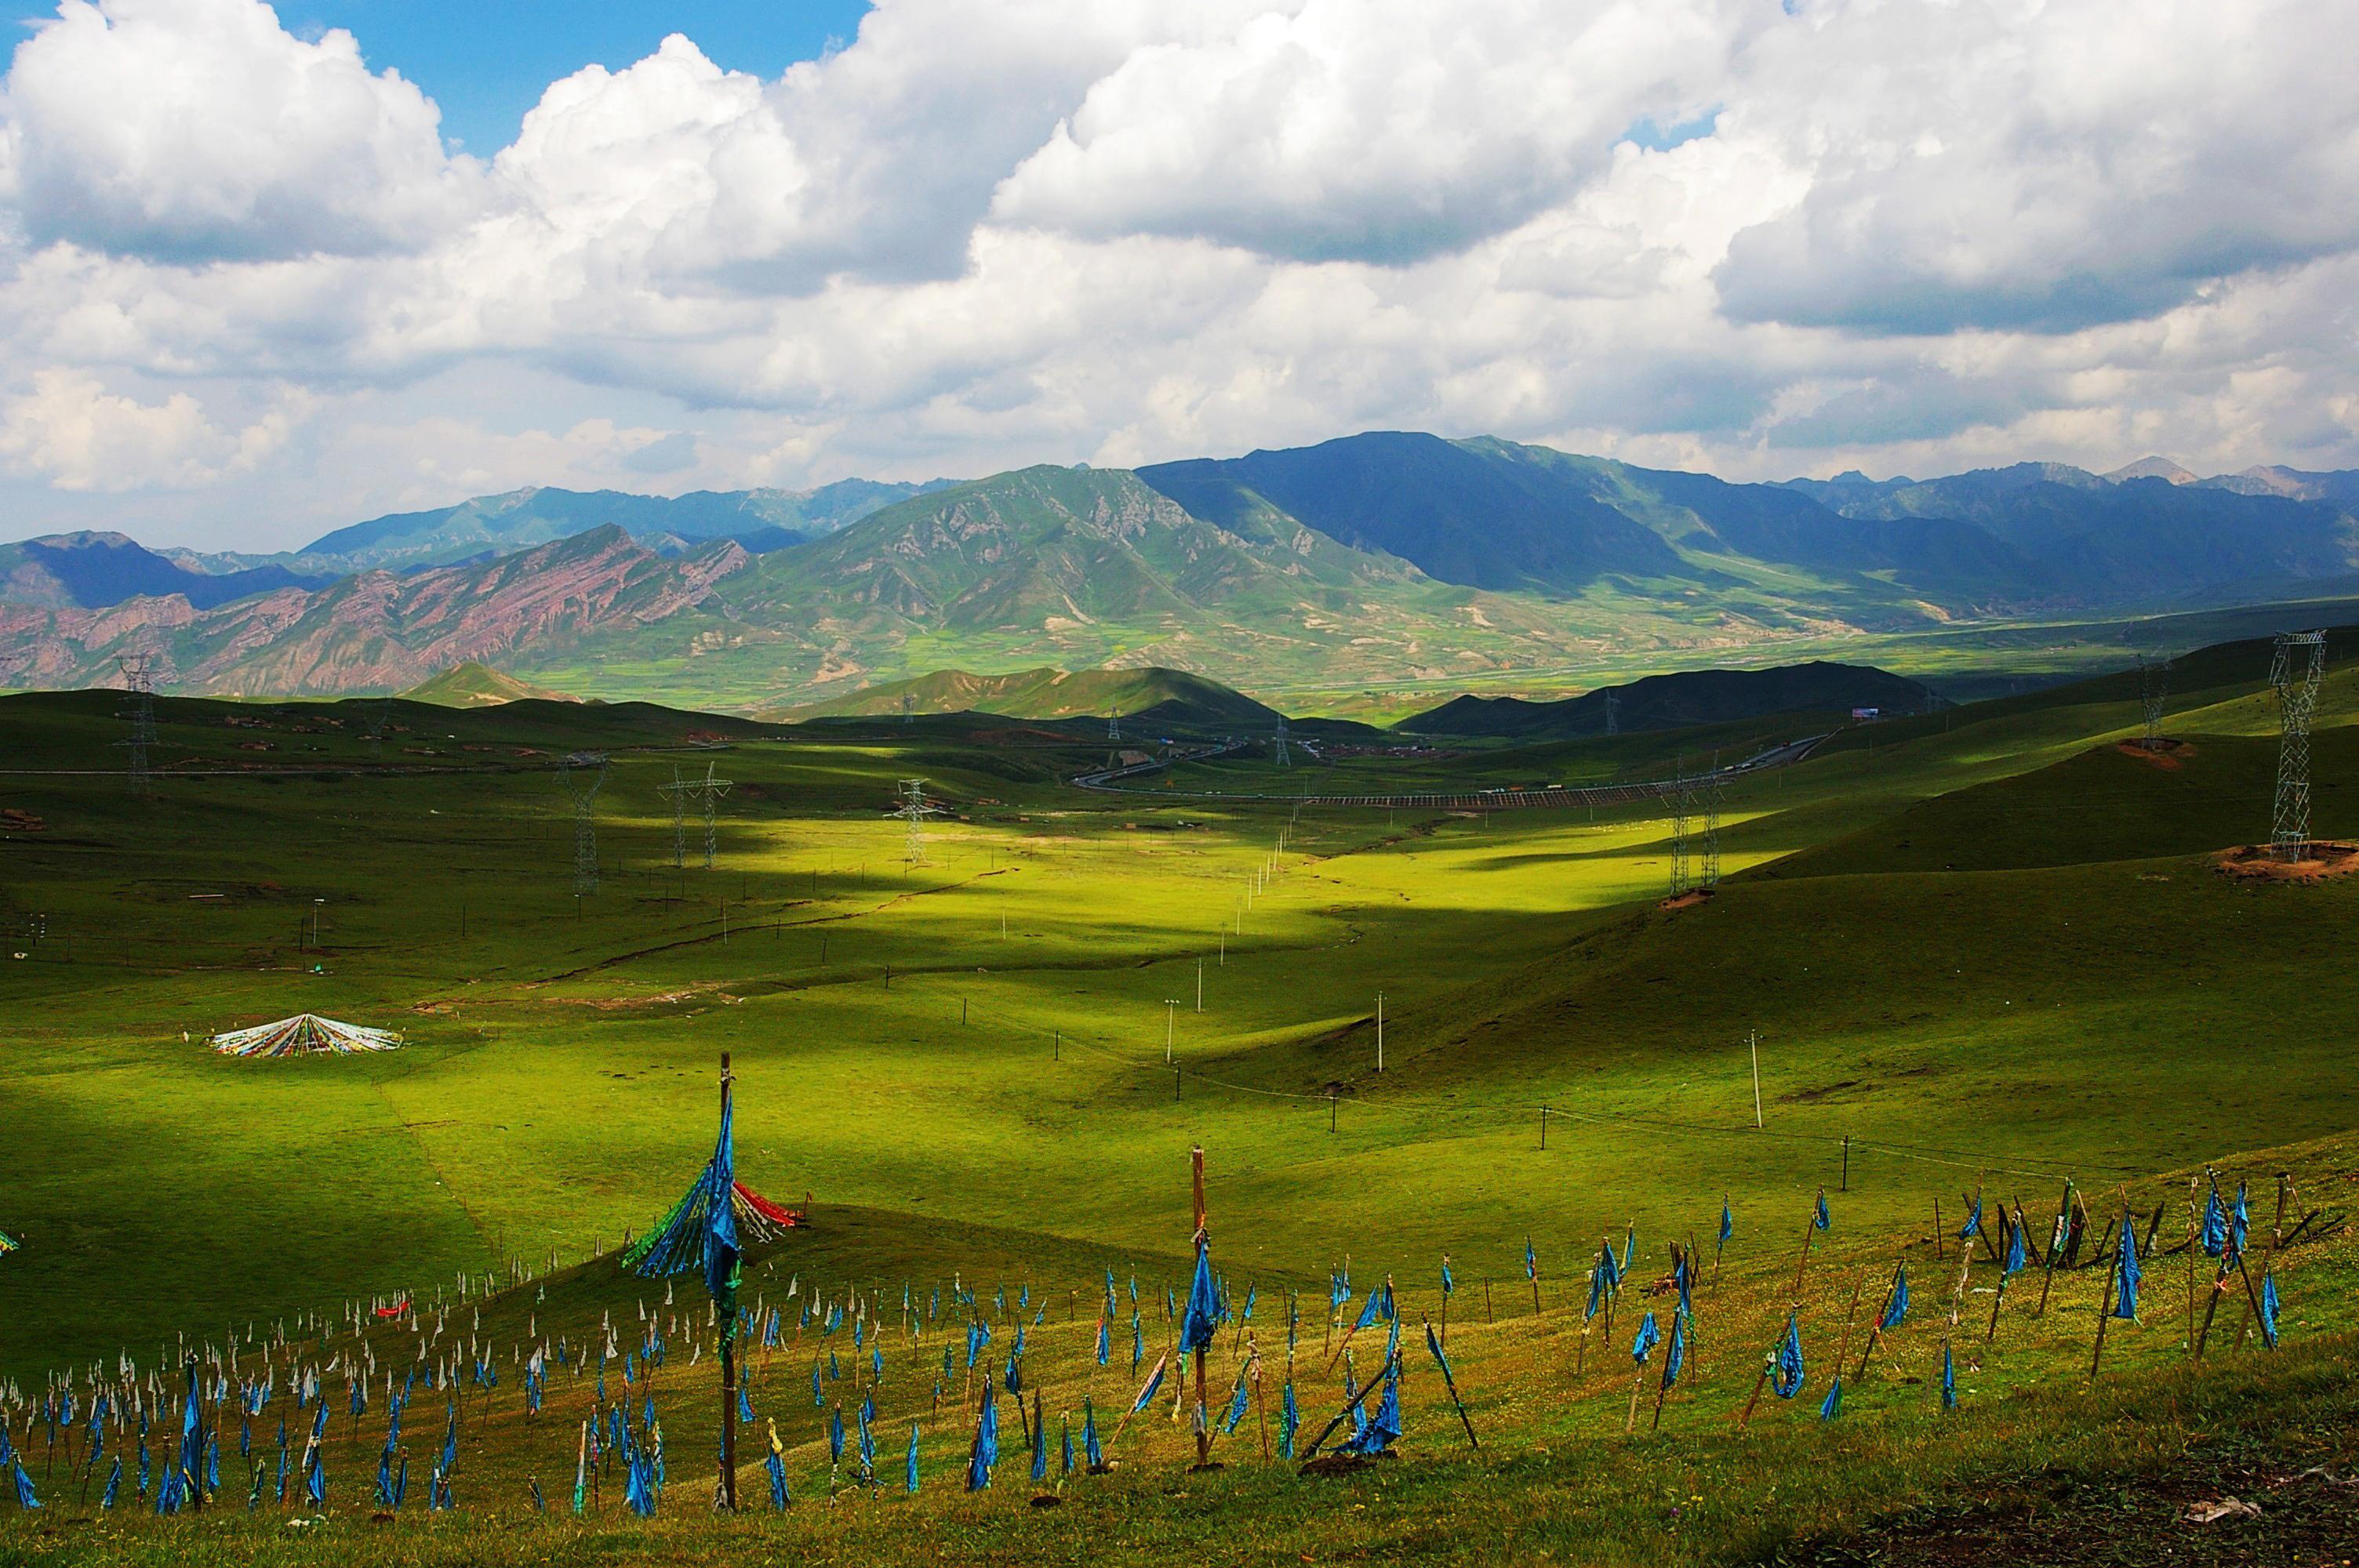 日月山的传说_青海青海湖环湖三日游行程计划/线路攻略/怎么玩法【驴妈妈攻略】